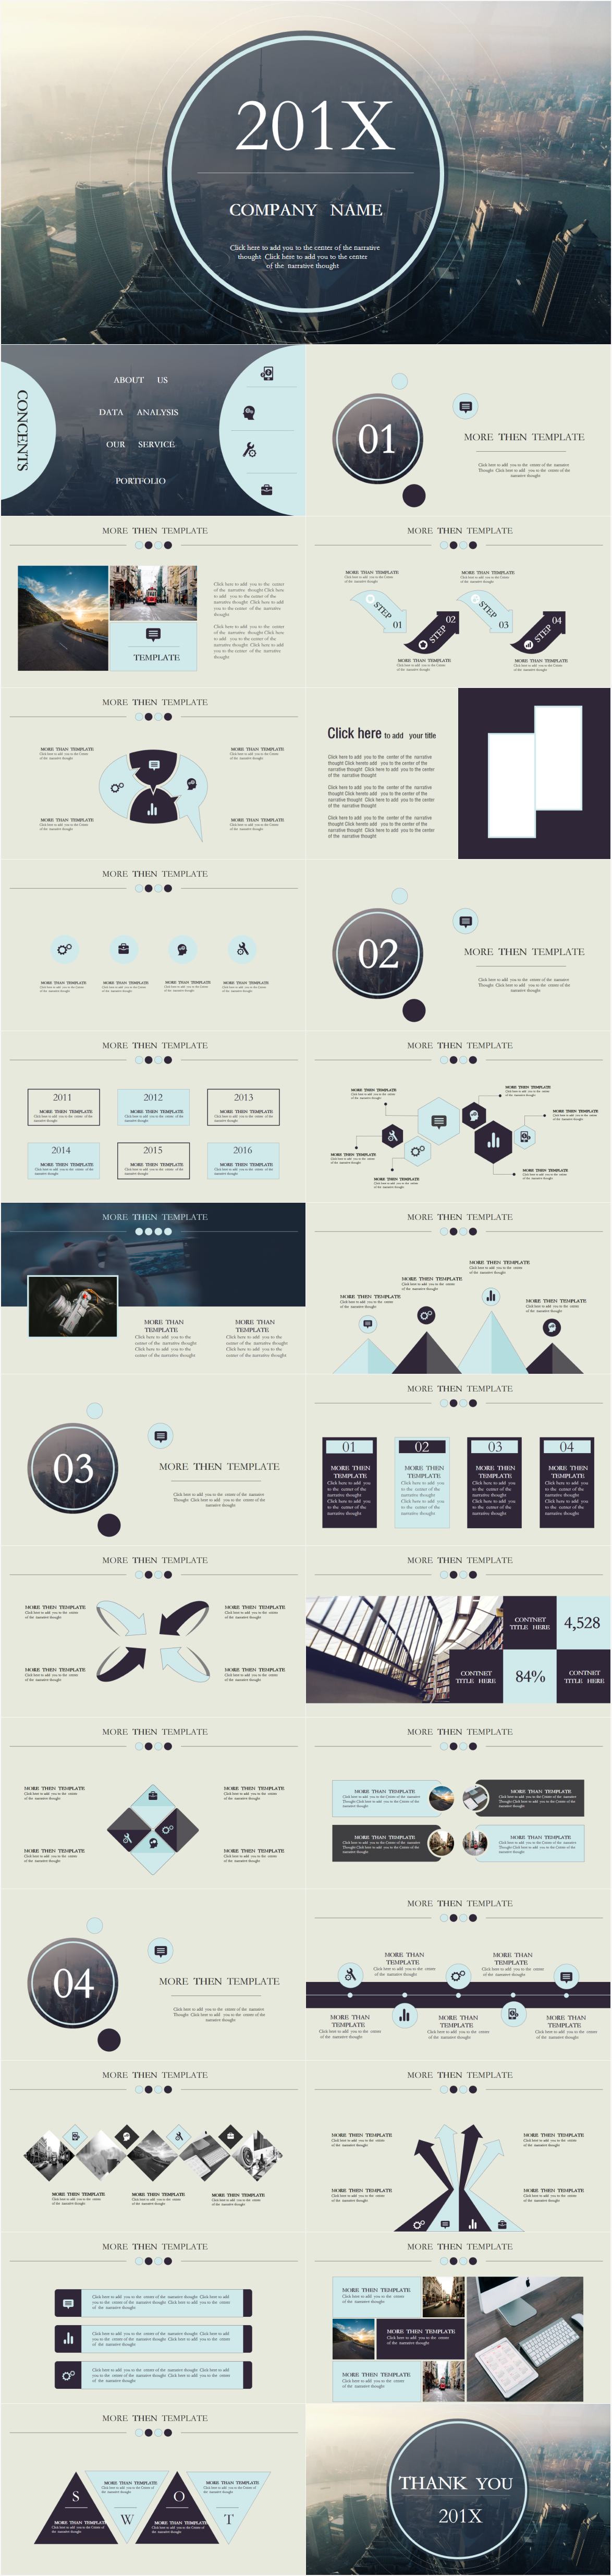 Gemütlich Beispiel Keynote Timeline Bilder - Bilder für das ...